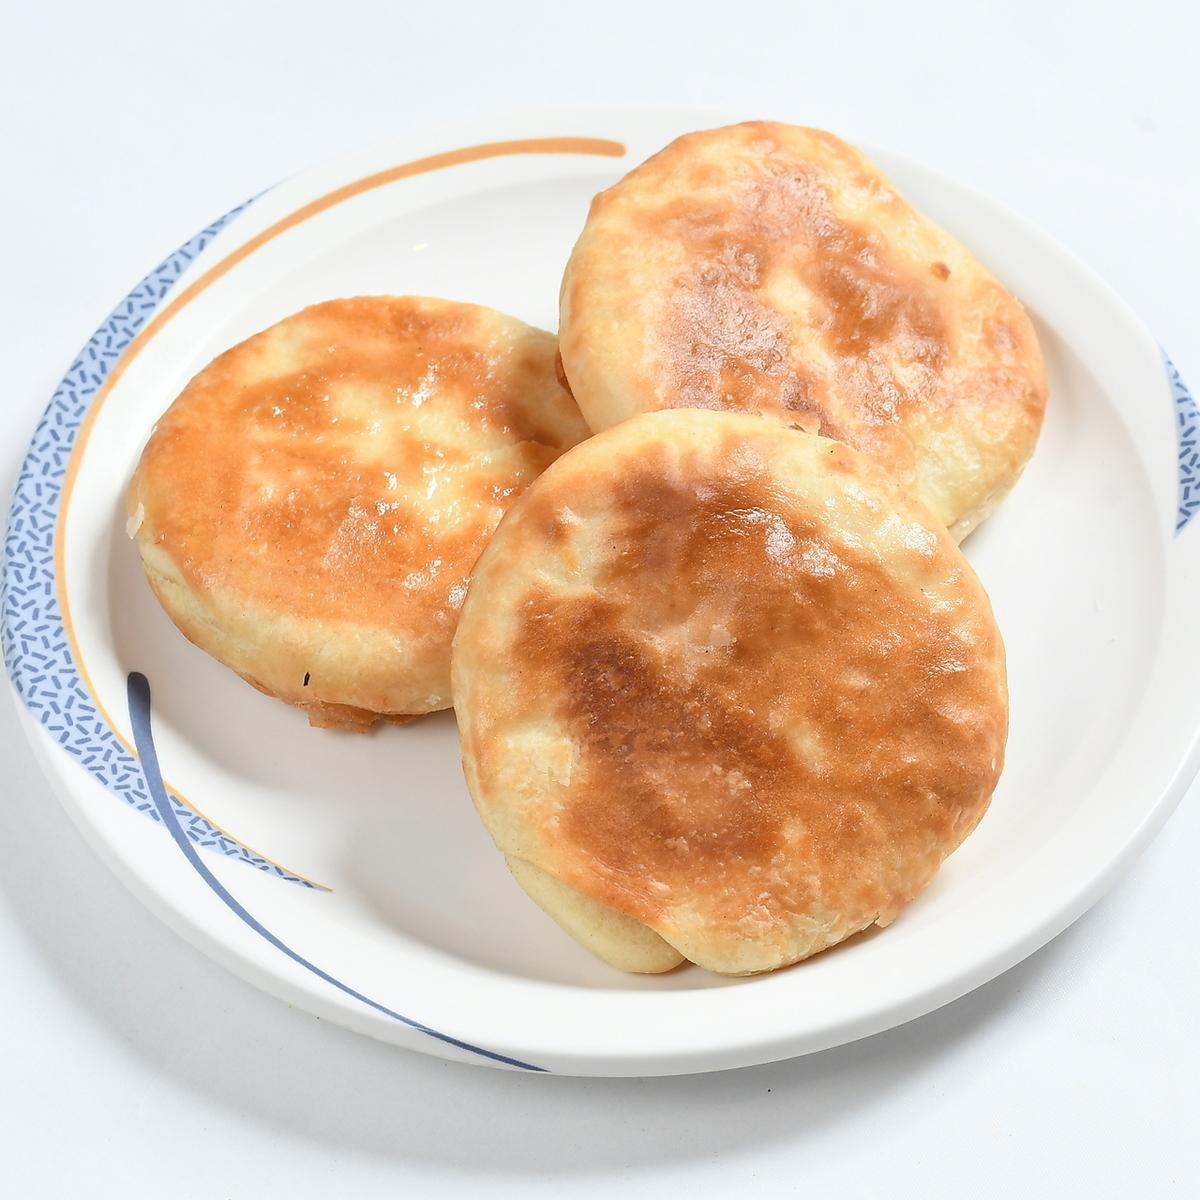 Hutong baked bread